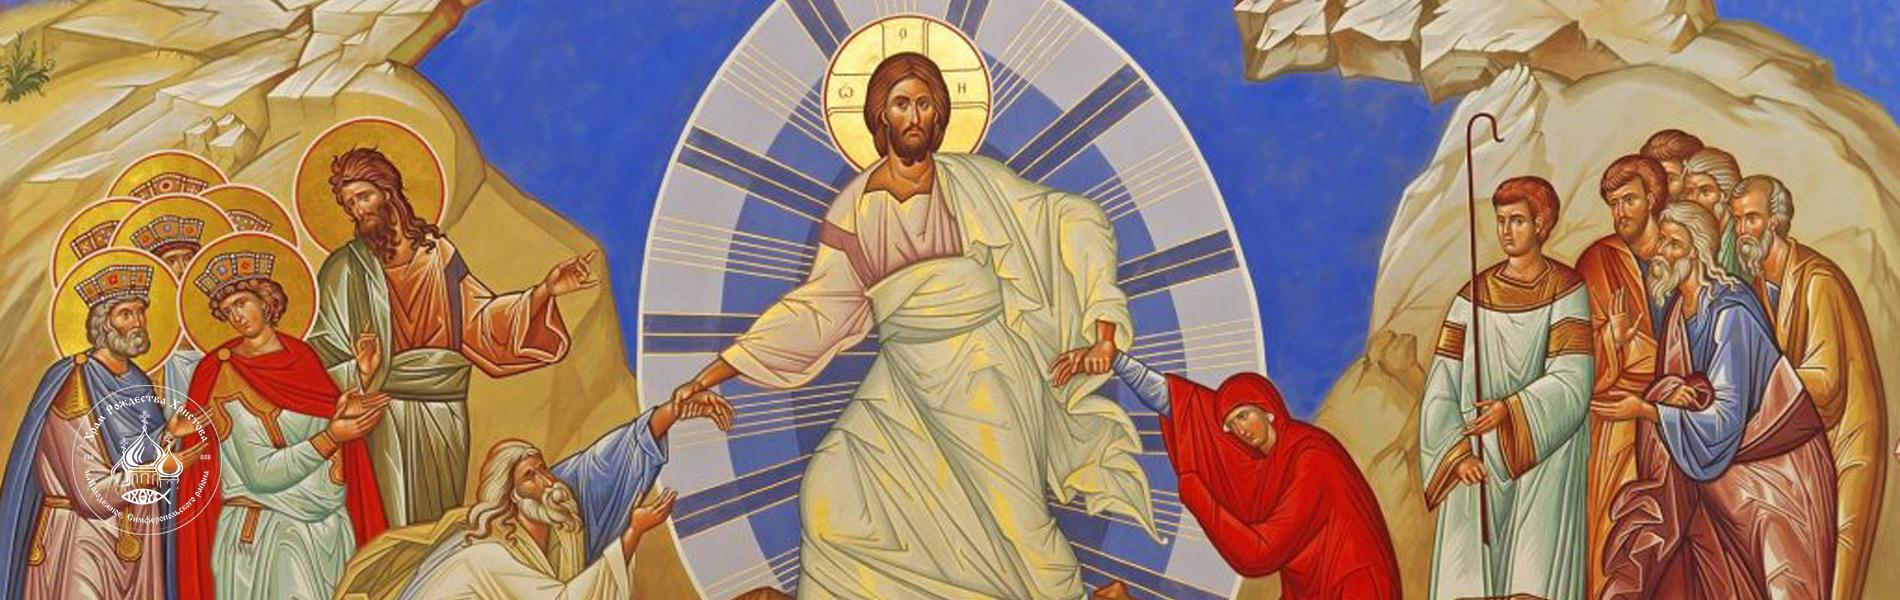 Ἰησοῦς Χριστός